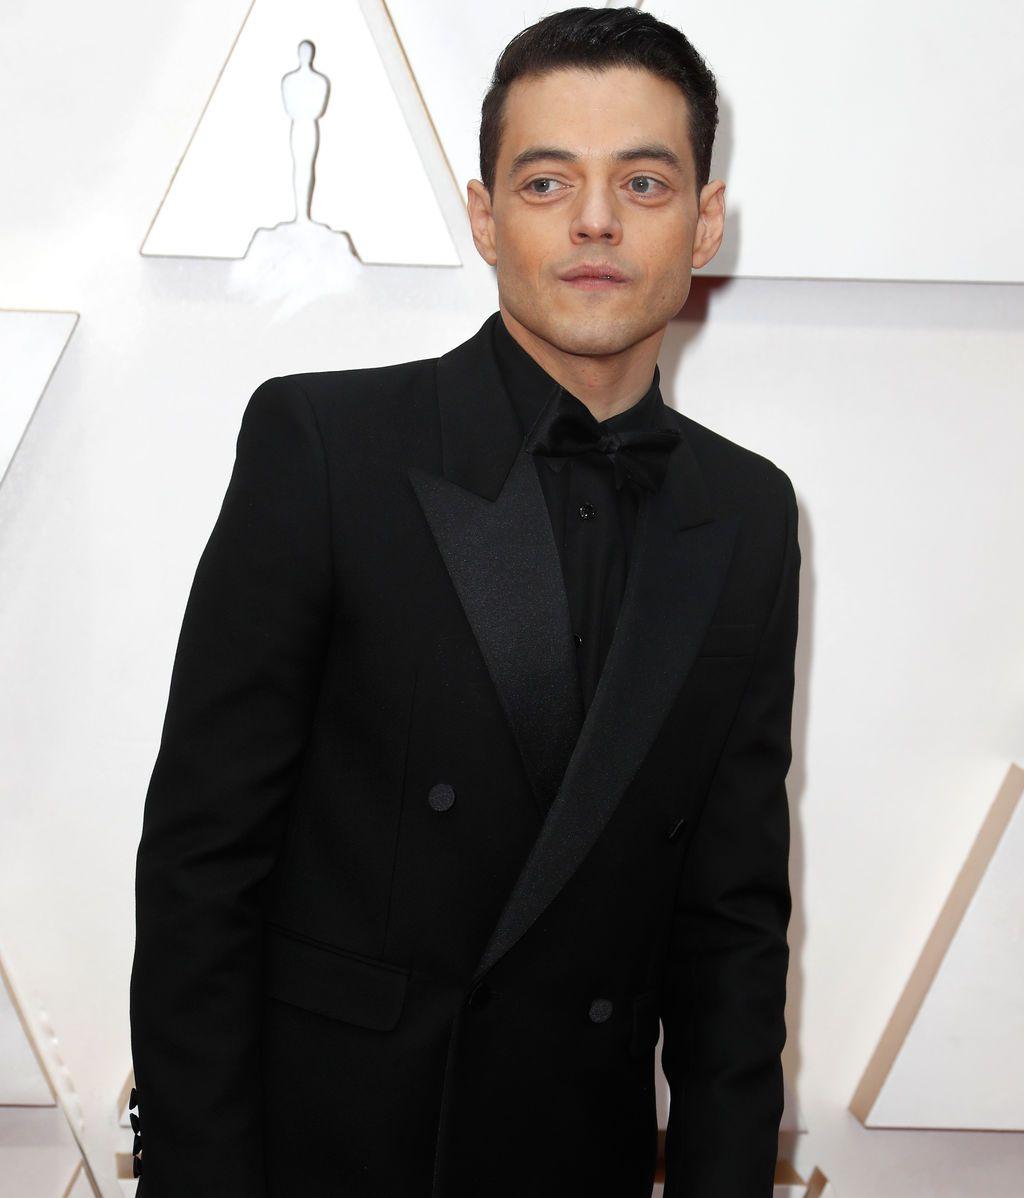 Rami Malek posa en la alfombra roja de los Premios Óscar 2020